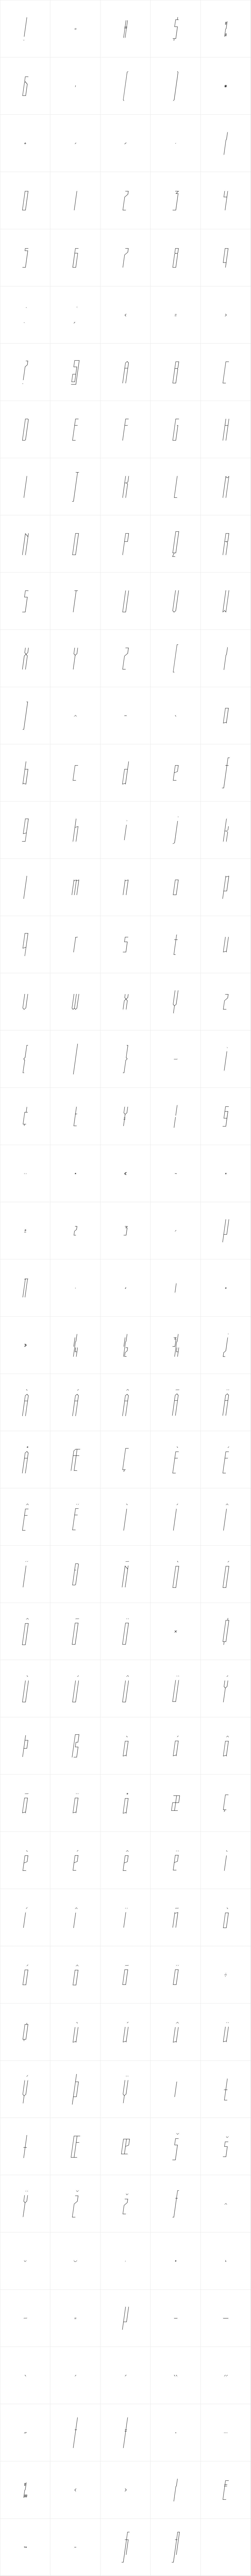 Muzarela Condensed Thin Italic